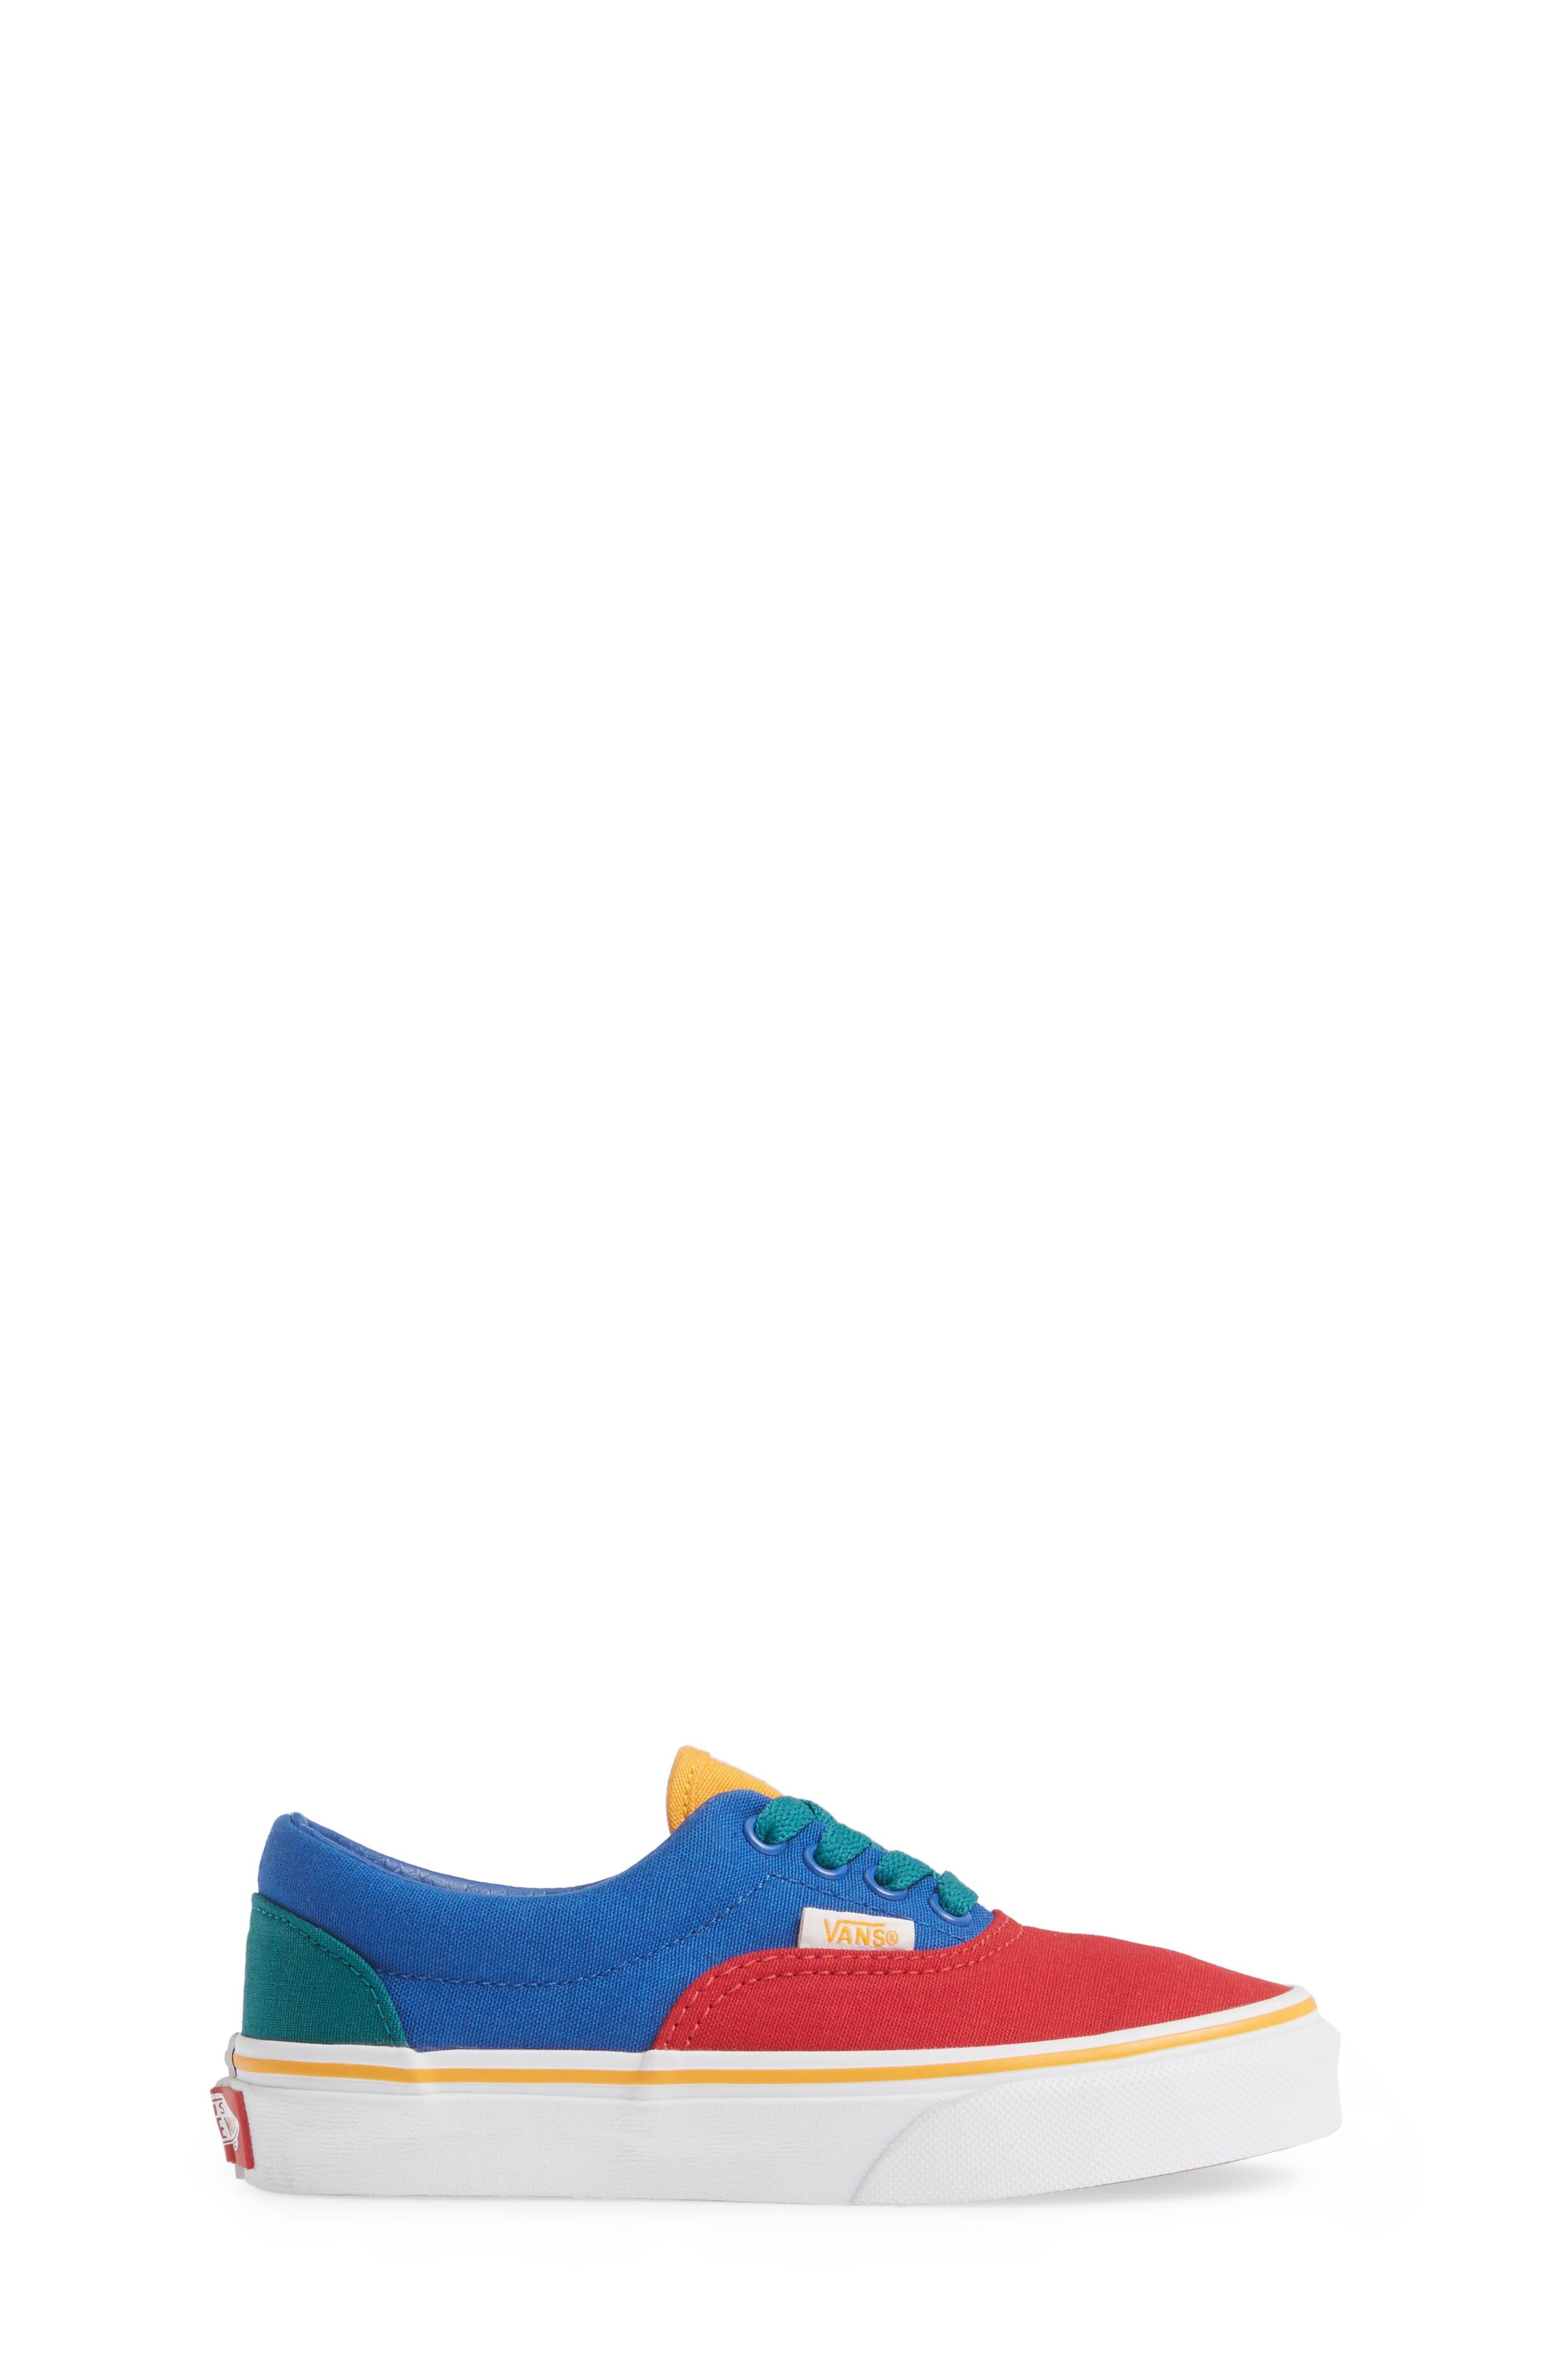 'Era' Sneaker,                             Alternate thumbnail 3, color,                             LAPIS BLUE/ TRUE WHITE